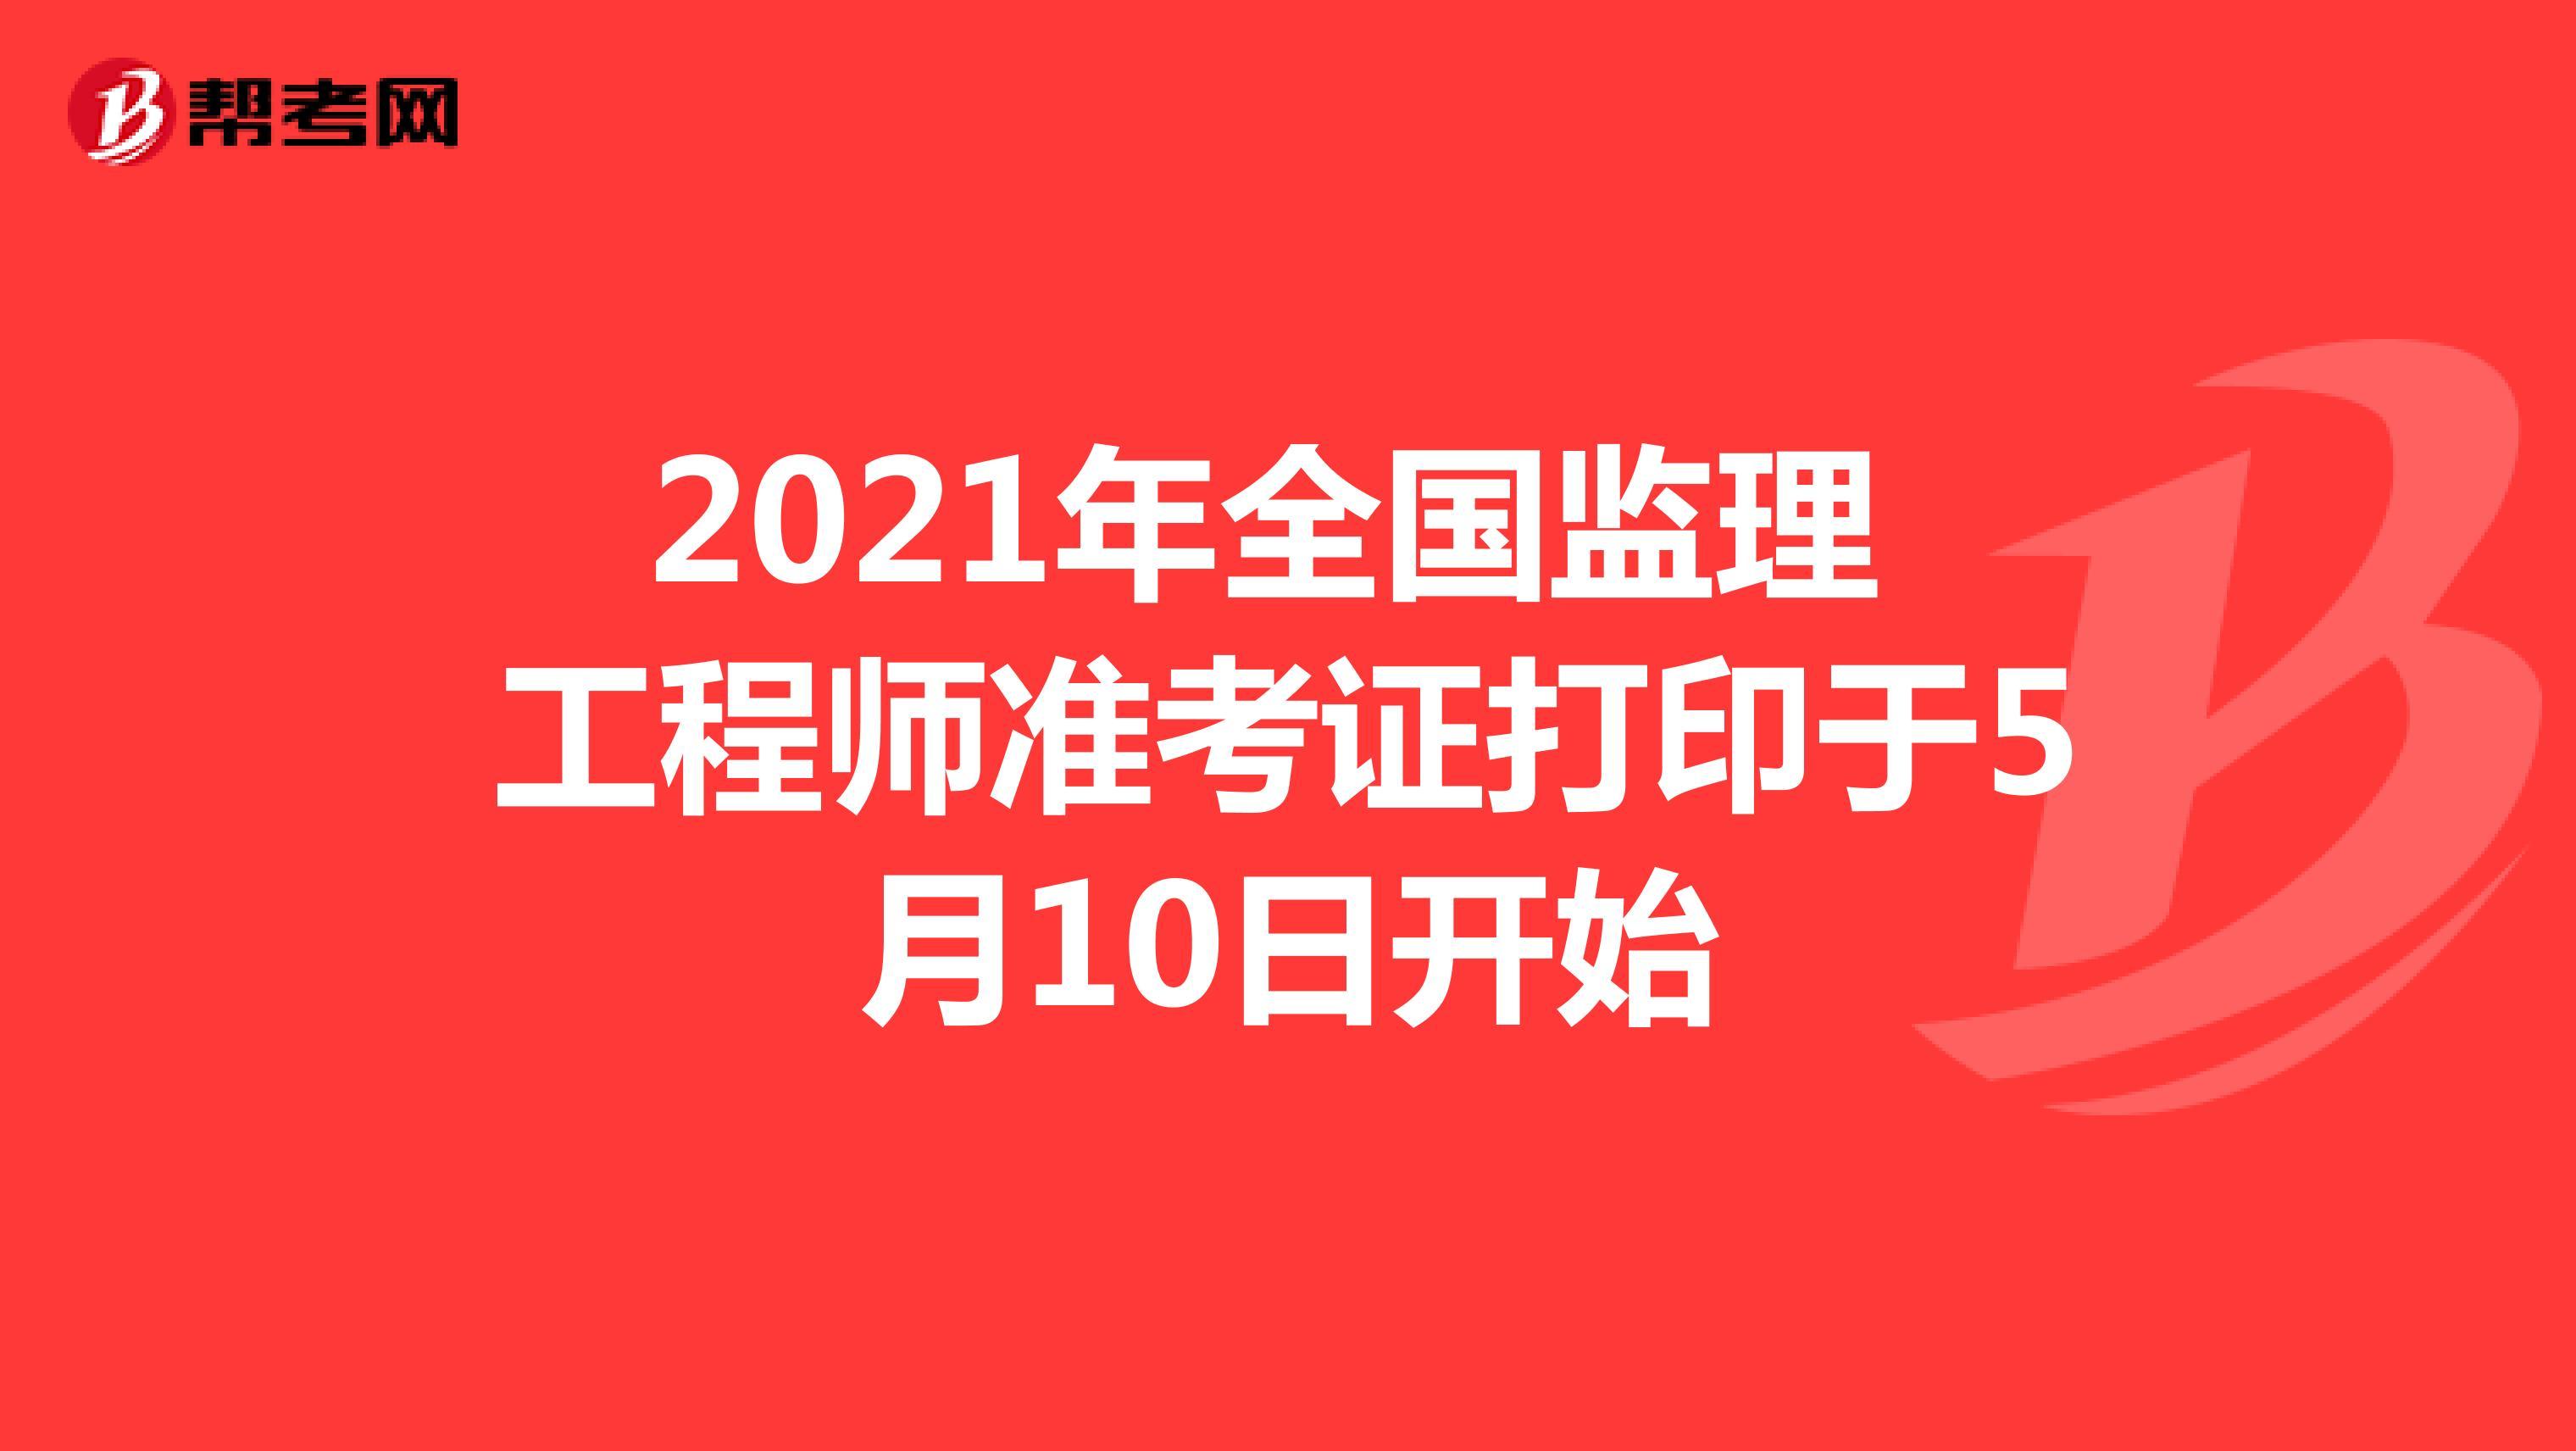 2021年全国监理工程师准考证打印于5月10日开始